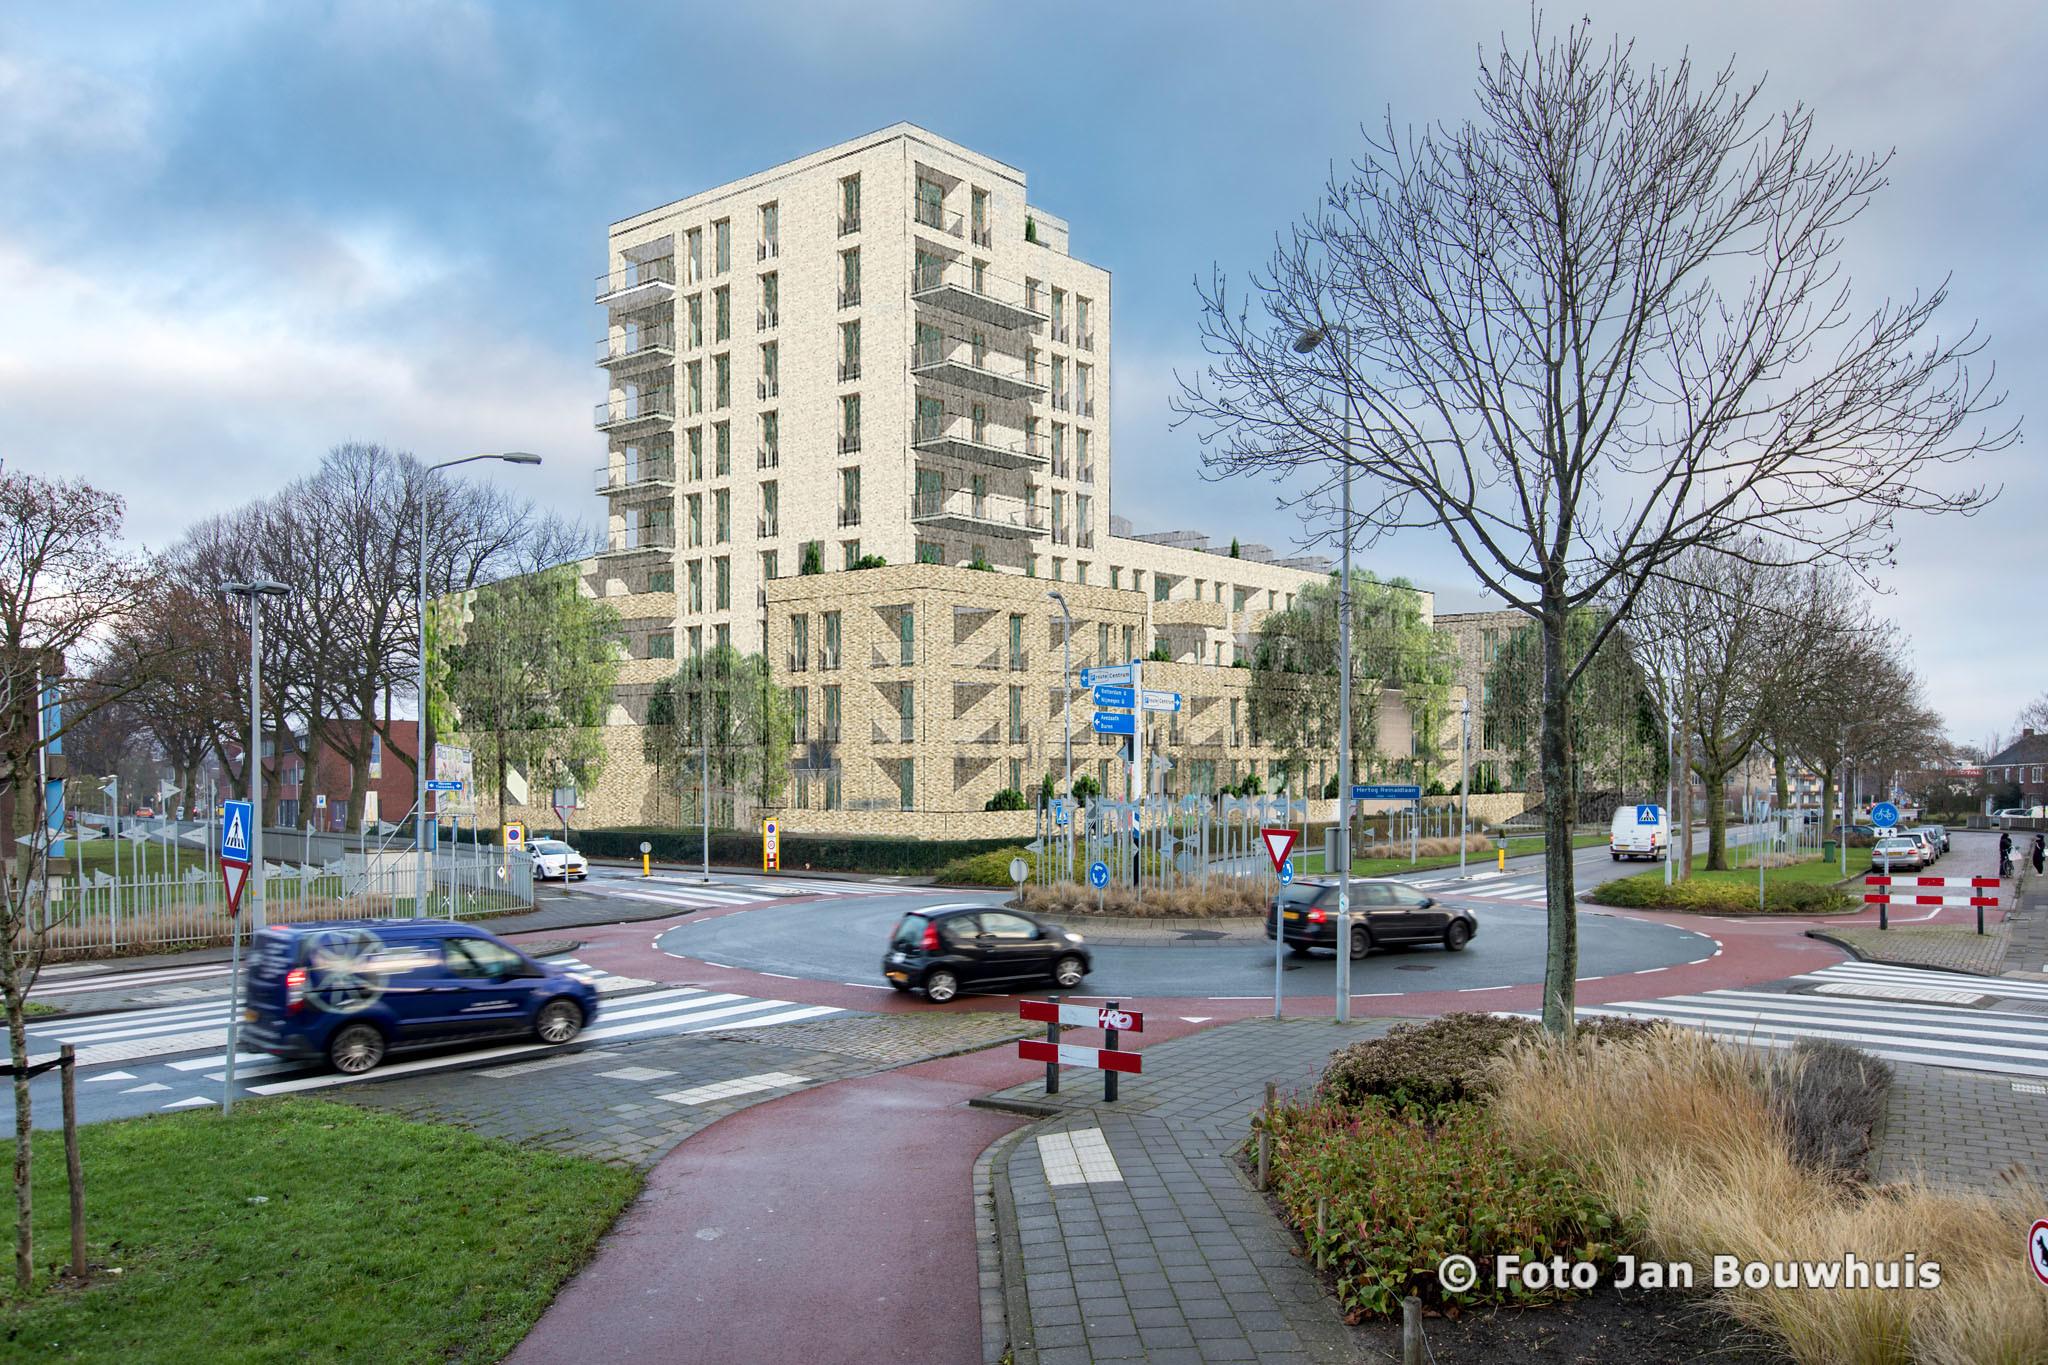 87b34f21041 ... voormalig Beursplein aan de Nieuwe Tielseweg / Heiligestraat wordt een  plan ontwikkeld voor hoogwaardige woningbouw. Het voor PGEM / Nuon in de  jaren ...